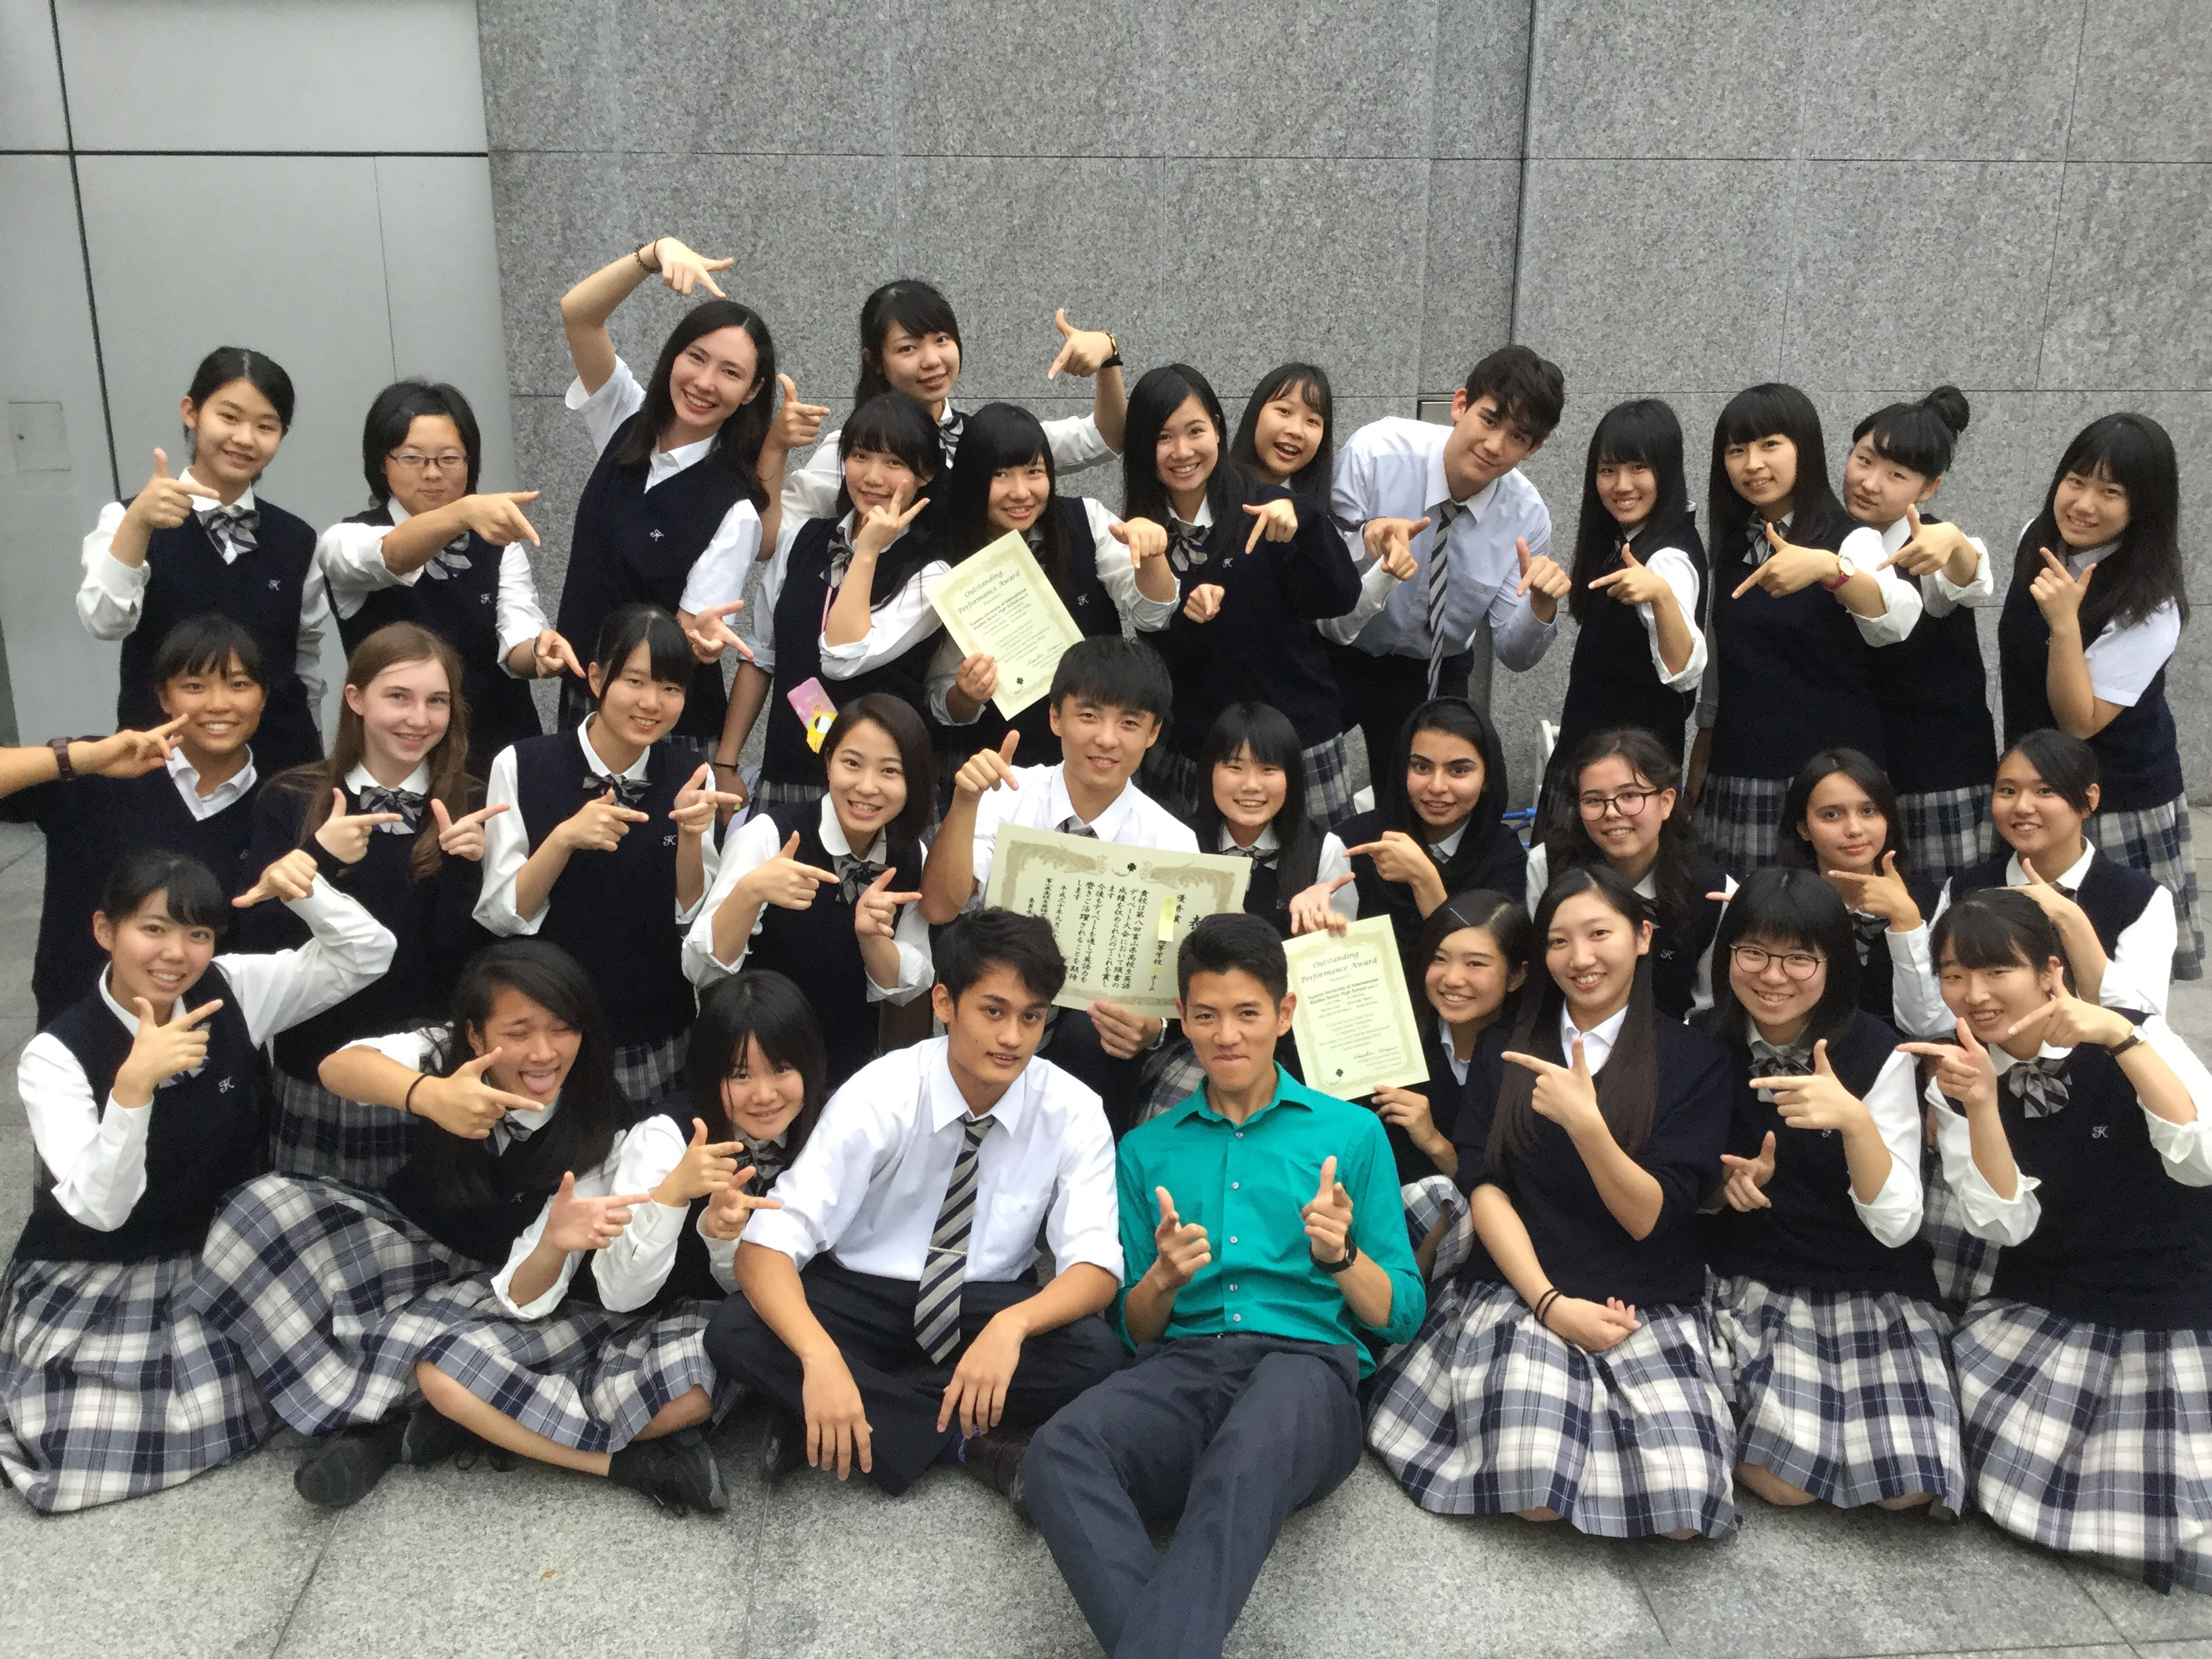 富山 国際 大学 富山国際大学の情報満載|偏差値・口コミなど|みんなの大学情報